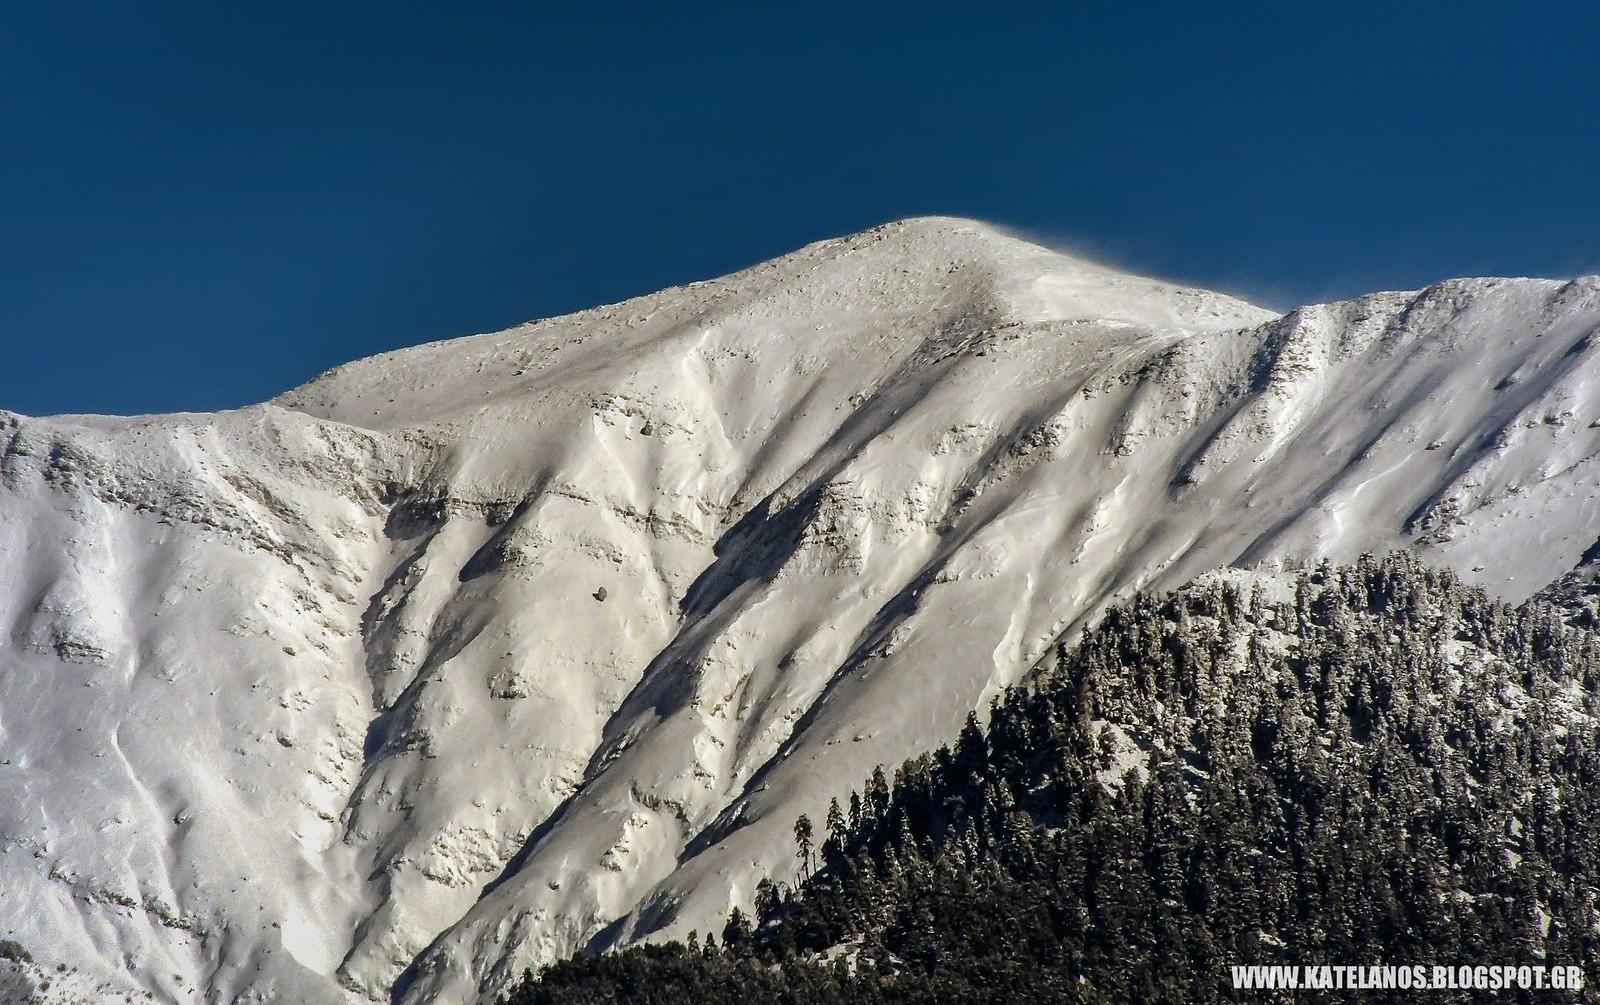 κατελανος παναιτωλικο ορος χιονια βουνο κορυφη